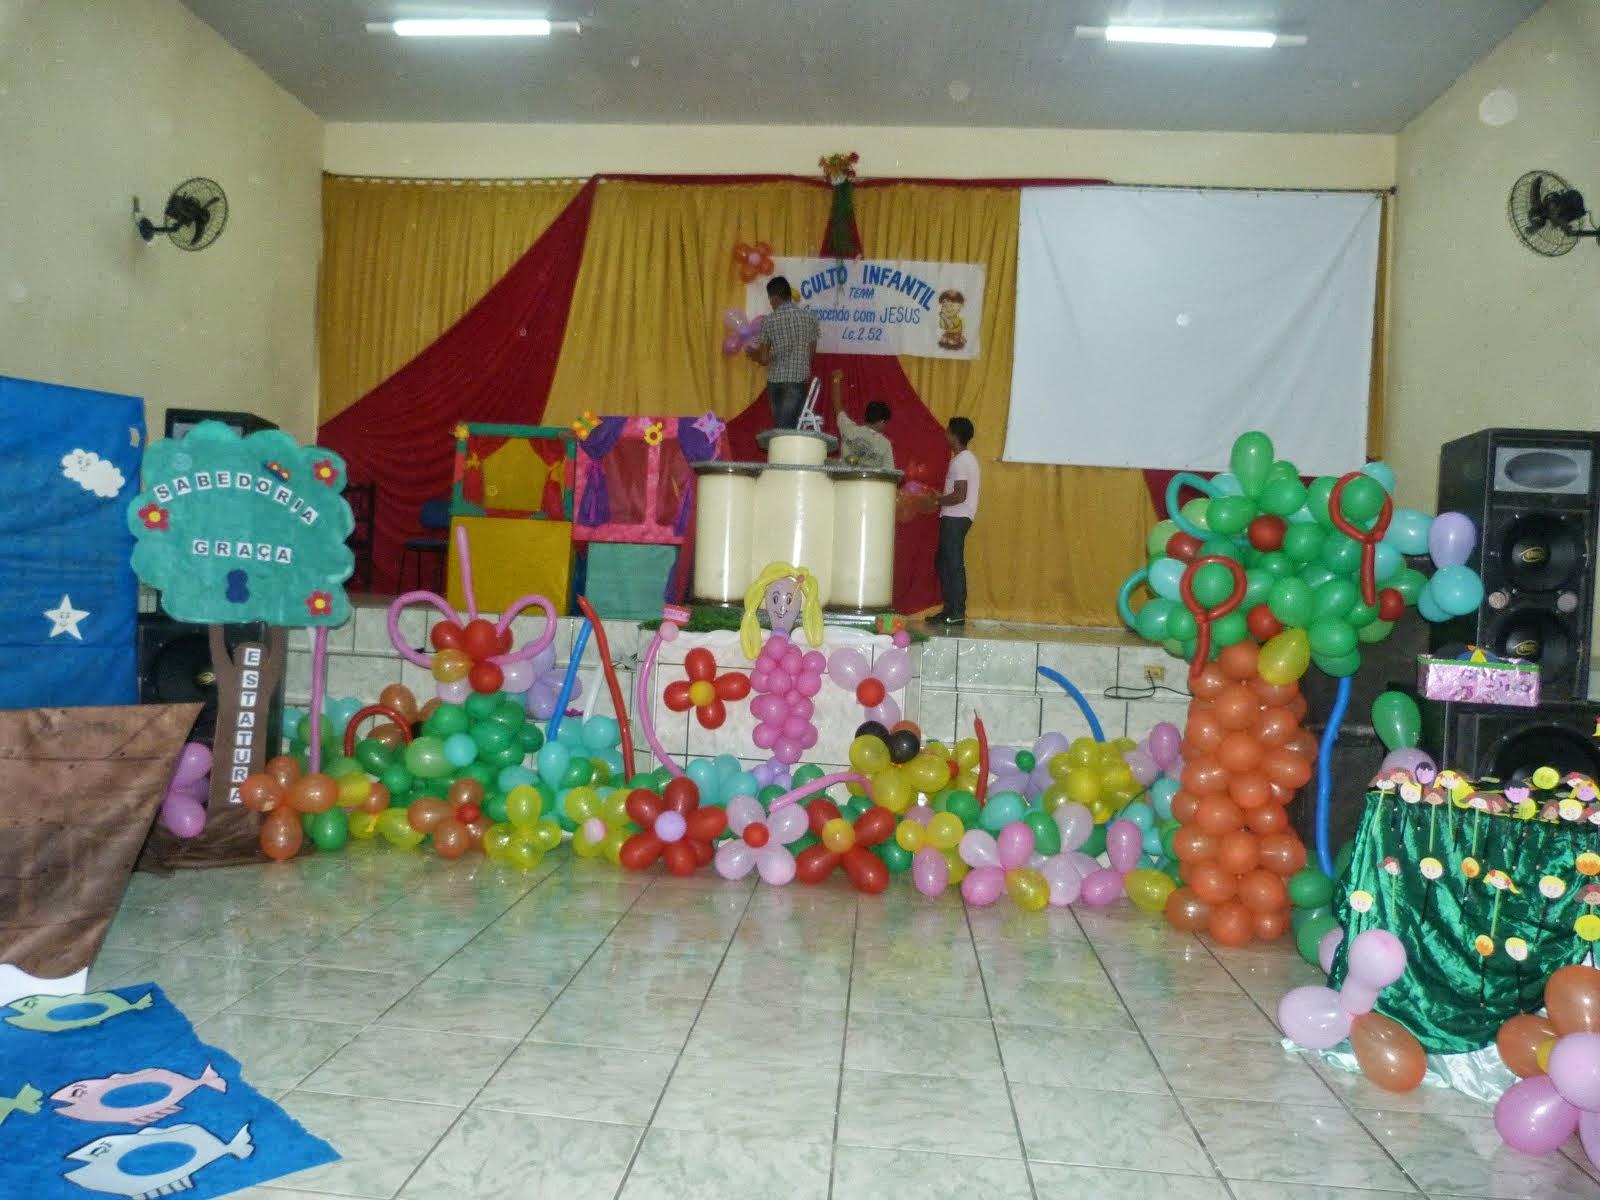 DEPARTAMENTO INFANTIL HERAN u00c7A DO SENHOR!! CULTO INFANTIL REALIZADO 28 04 13 -> Decoração De Igreja Evangelica Para Congresso Infantil